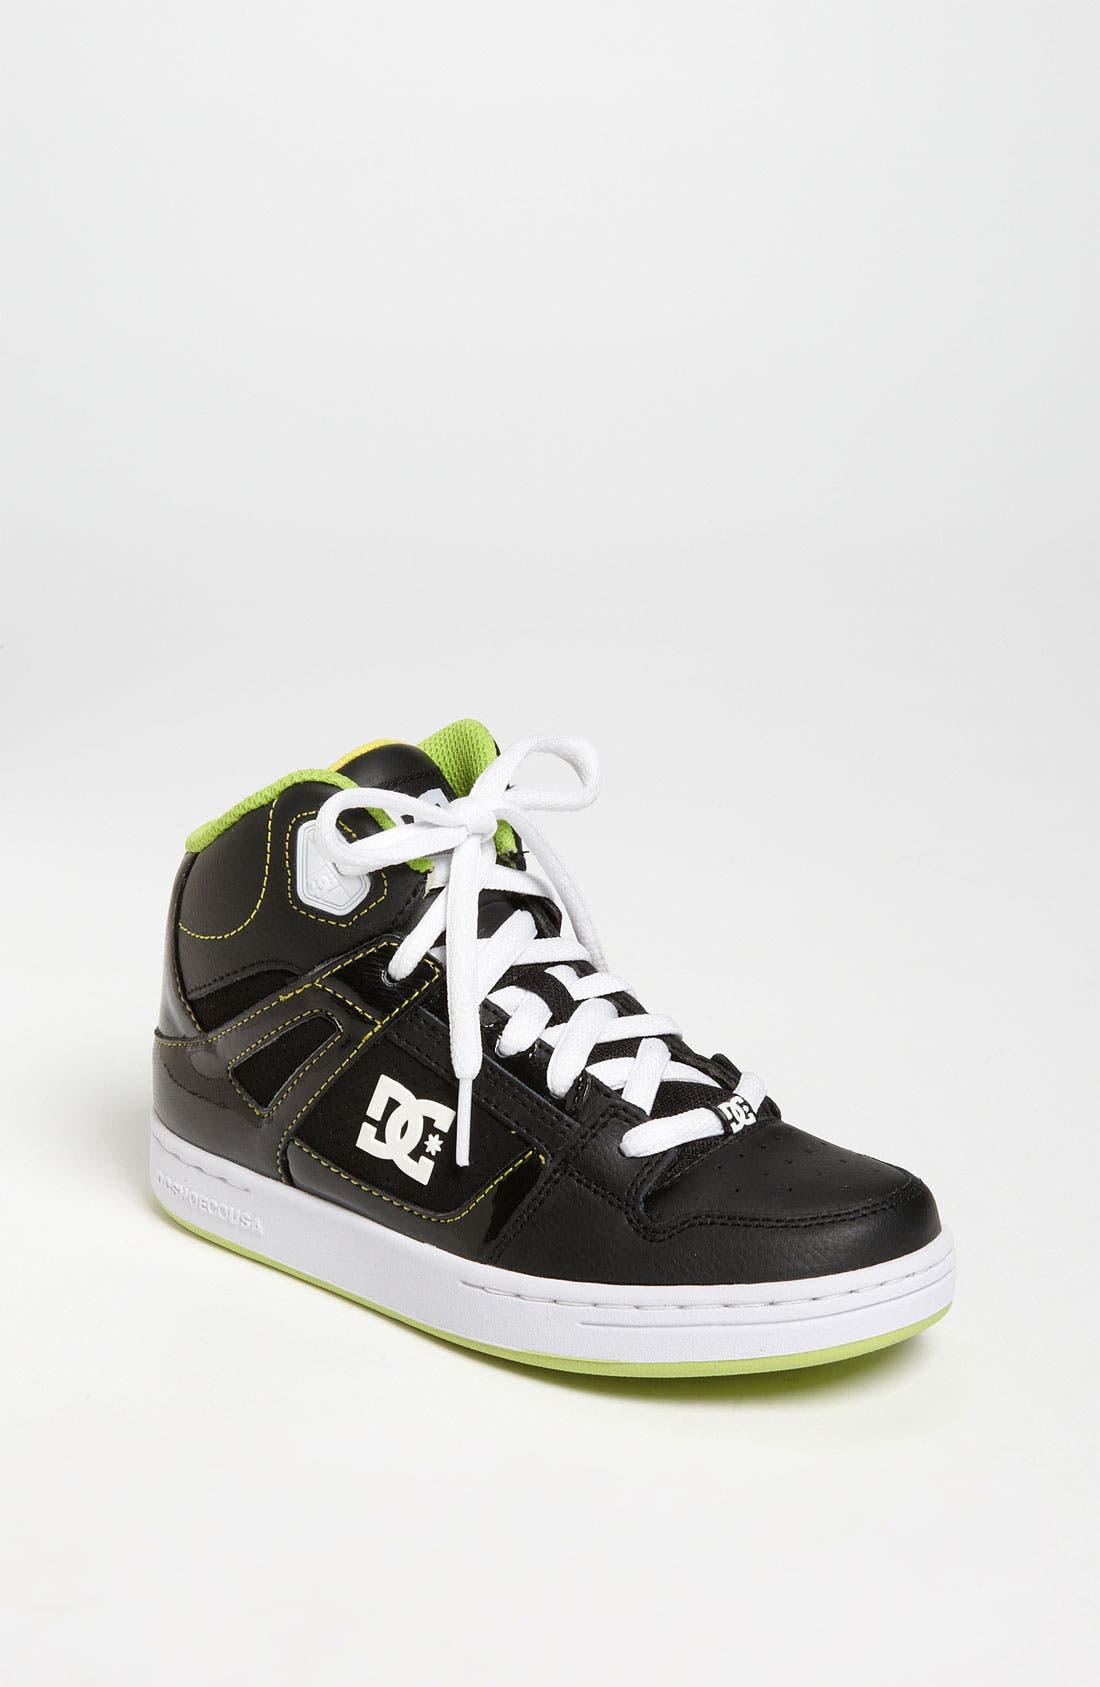 Alternate Image 1 Selected - DC Shoes 'Rebound' Skate Shoe (Toddler, Little Kid & Big Kid)